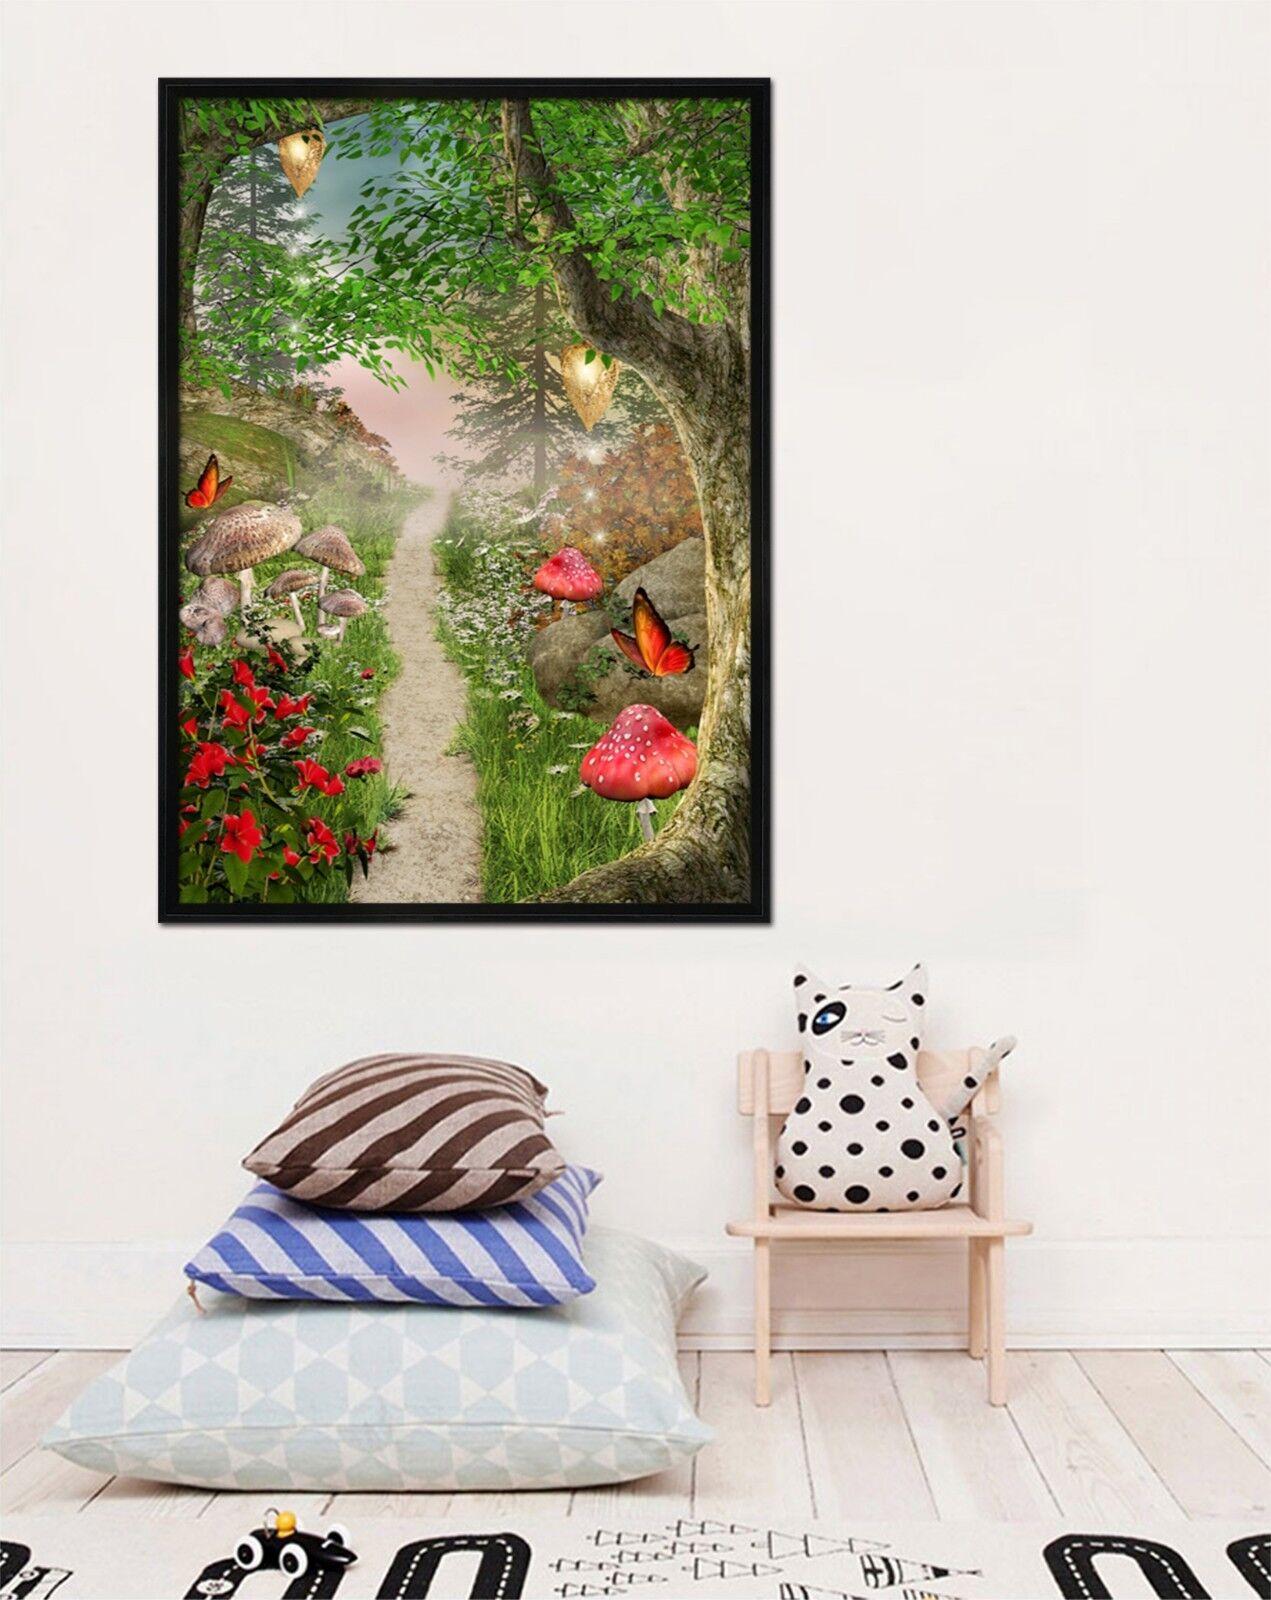 Bosque de hongos 3D 2 Póster Enmarcado Decoración del Hogar Pintura de Impresión Arte AJ Wallpaper